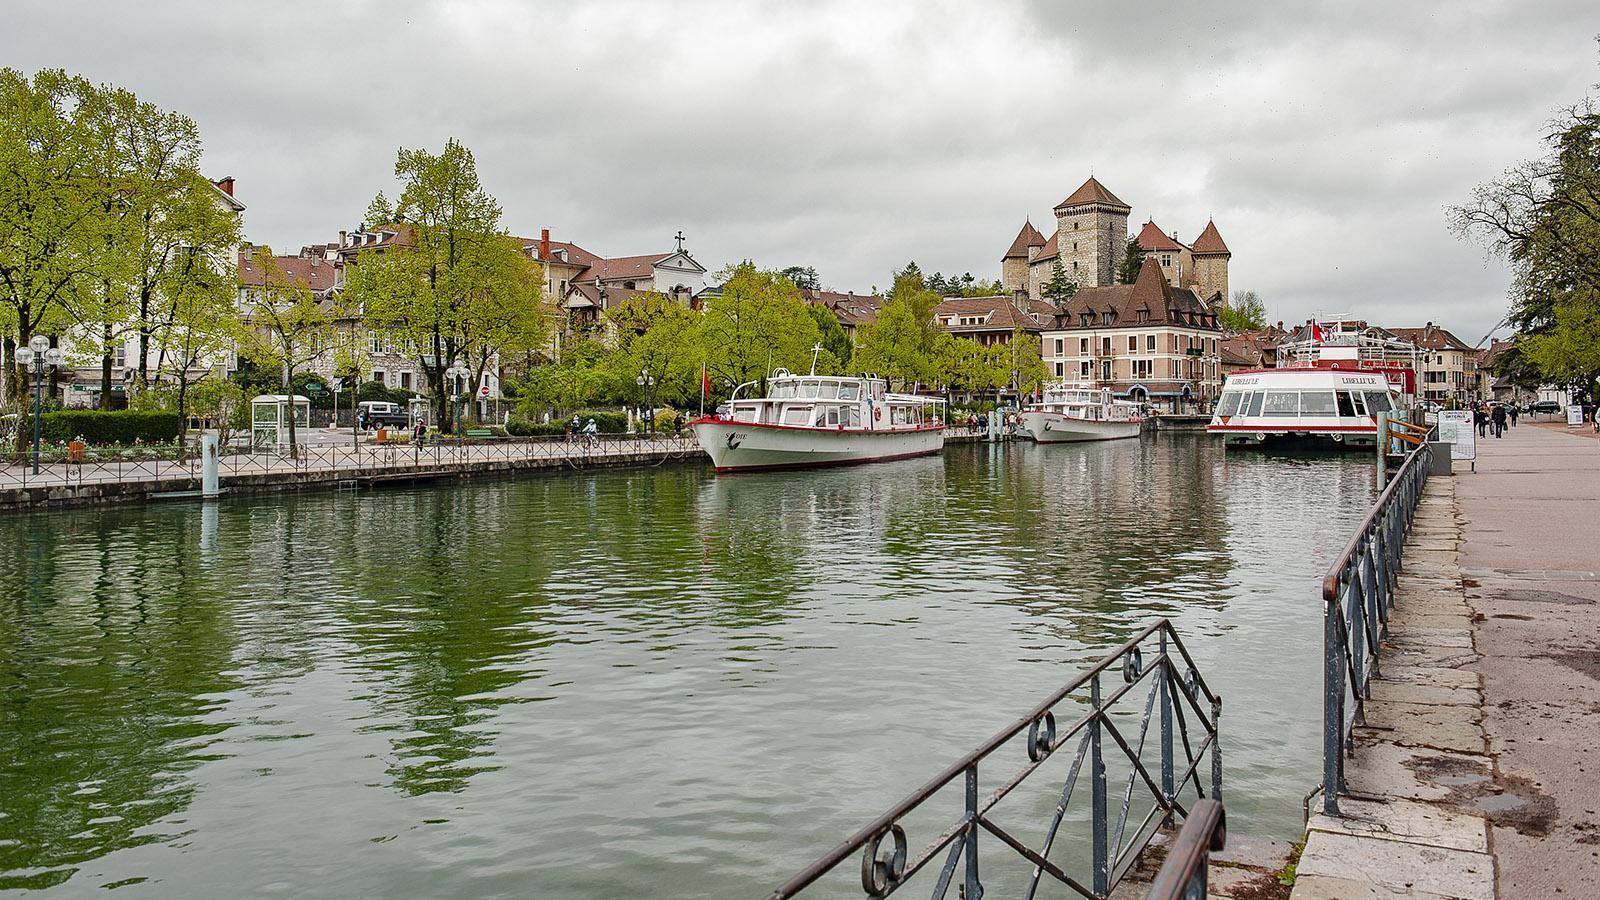 Annecy: Am Rand der Altstadt legen Ausflugsschiffe zu Rundfahrten auf dem großen Bergsee Lac d'Annecy ab. Foto: Hilke Maunder